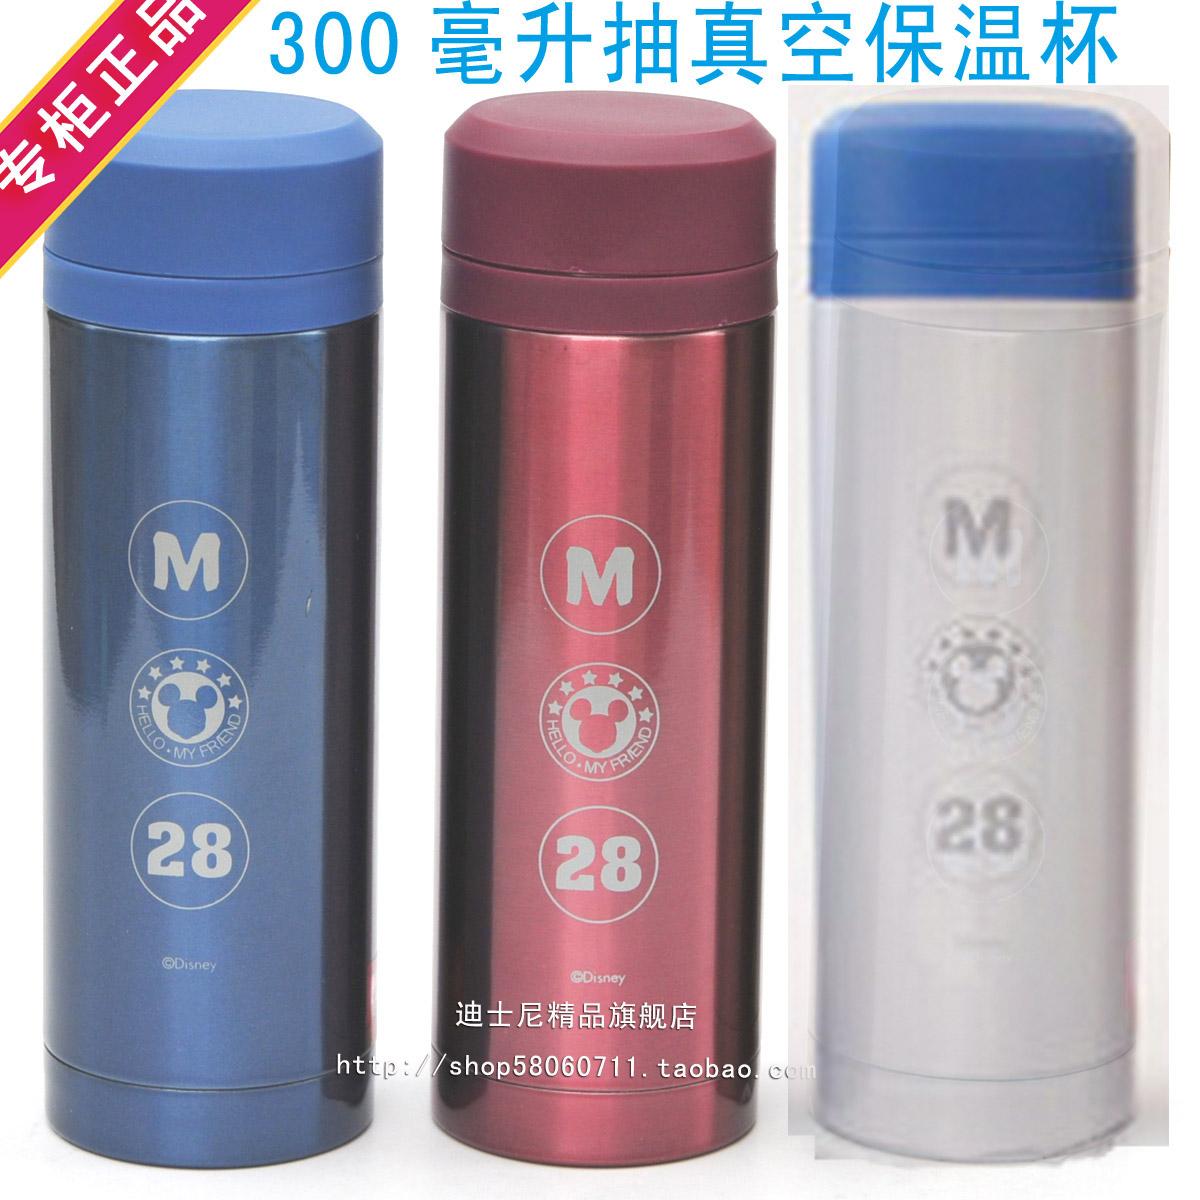 特价包邮 专柜正品迪士尼水杯300ML不锈钢保温杯9214米奇时尚水杯